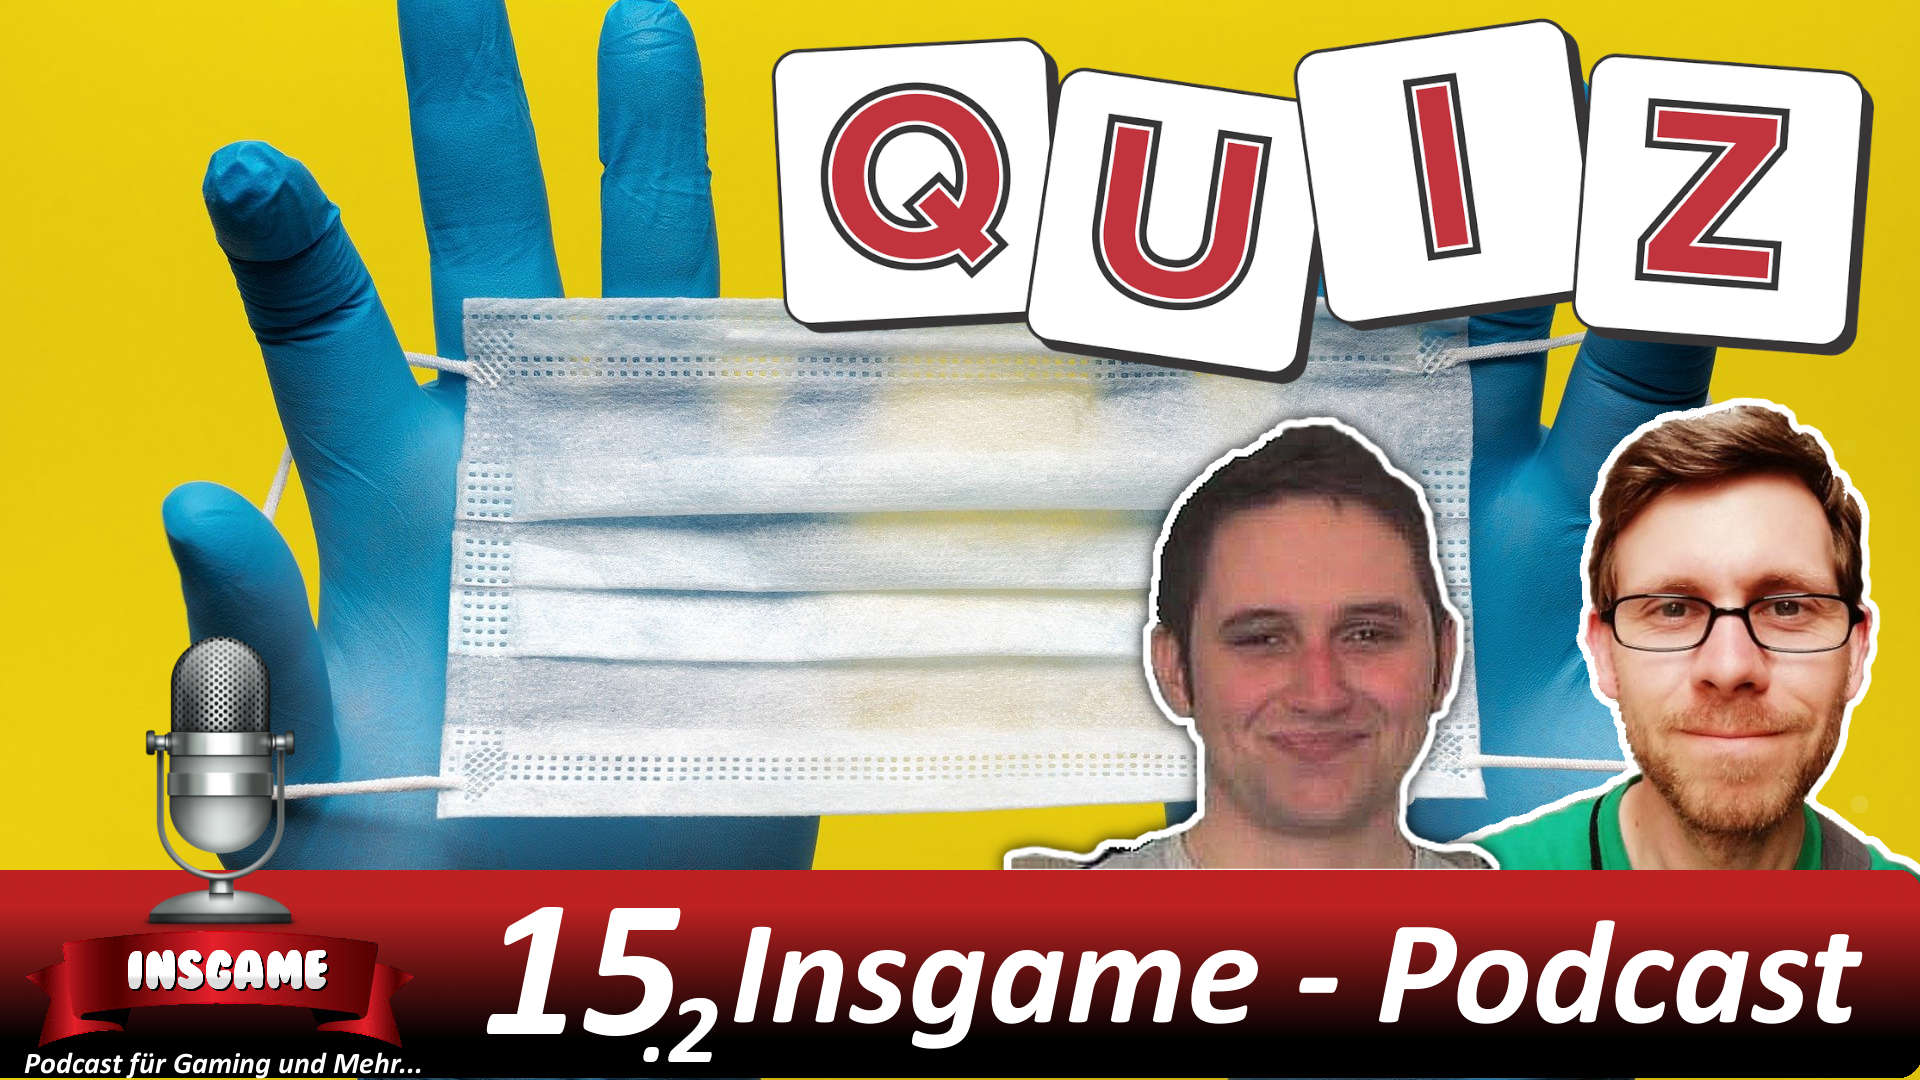 Insgame #015.2 Podcast für Gaming und Mehr Kinder & Medien